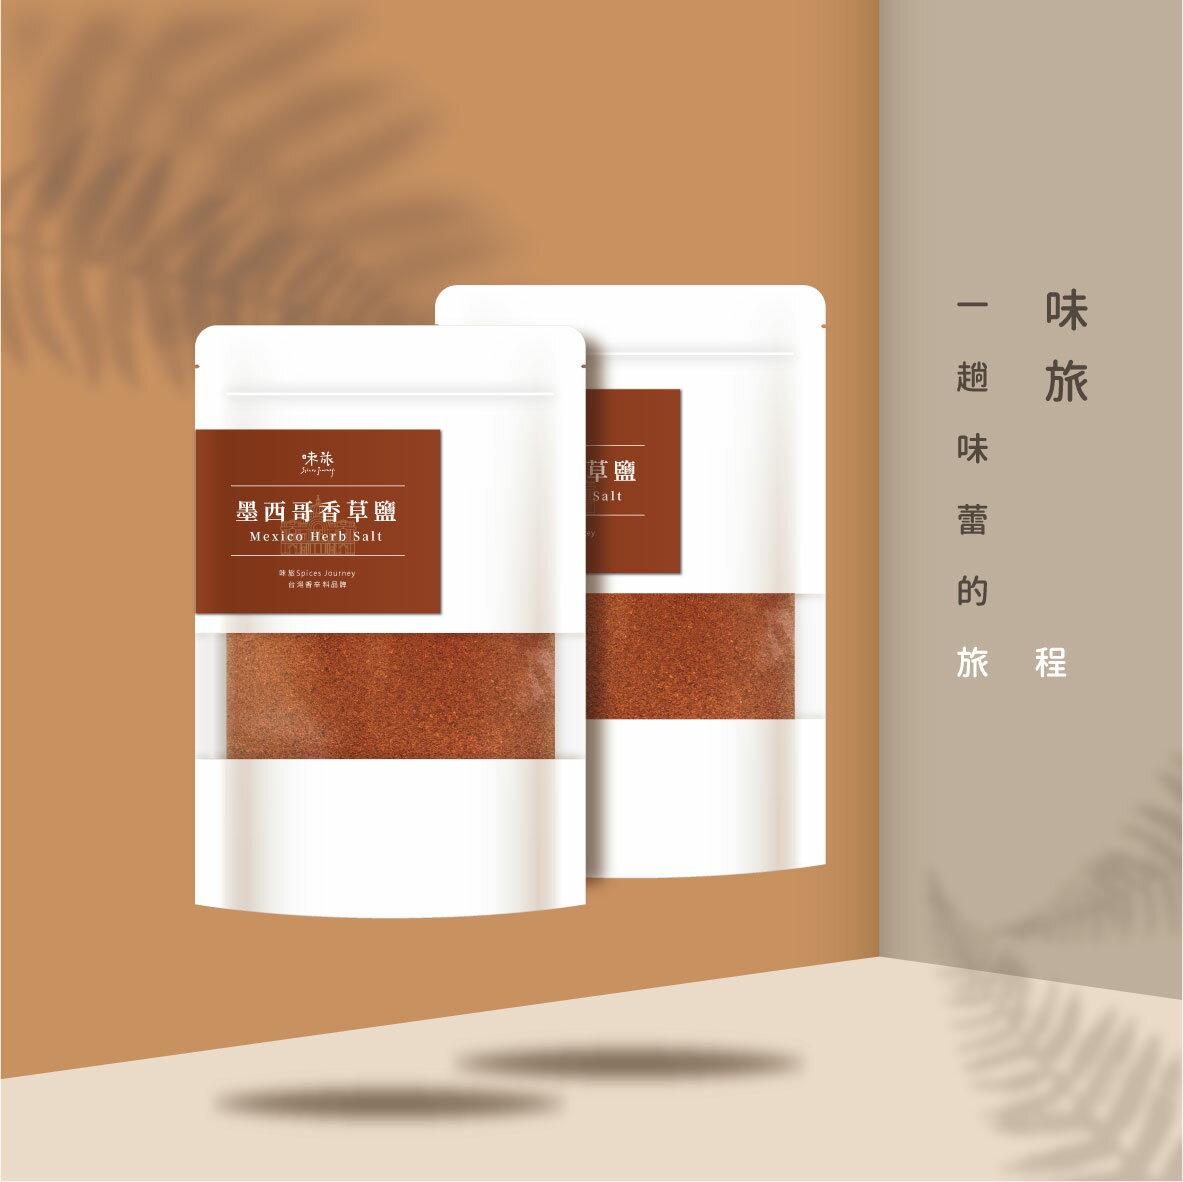 【味旅私藏】 墨西哥香草鹽 Mexico Herb Salt 綜合香料系列 50g【A106】